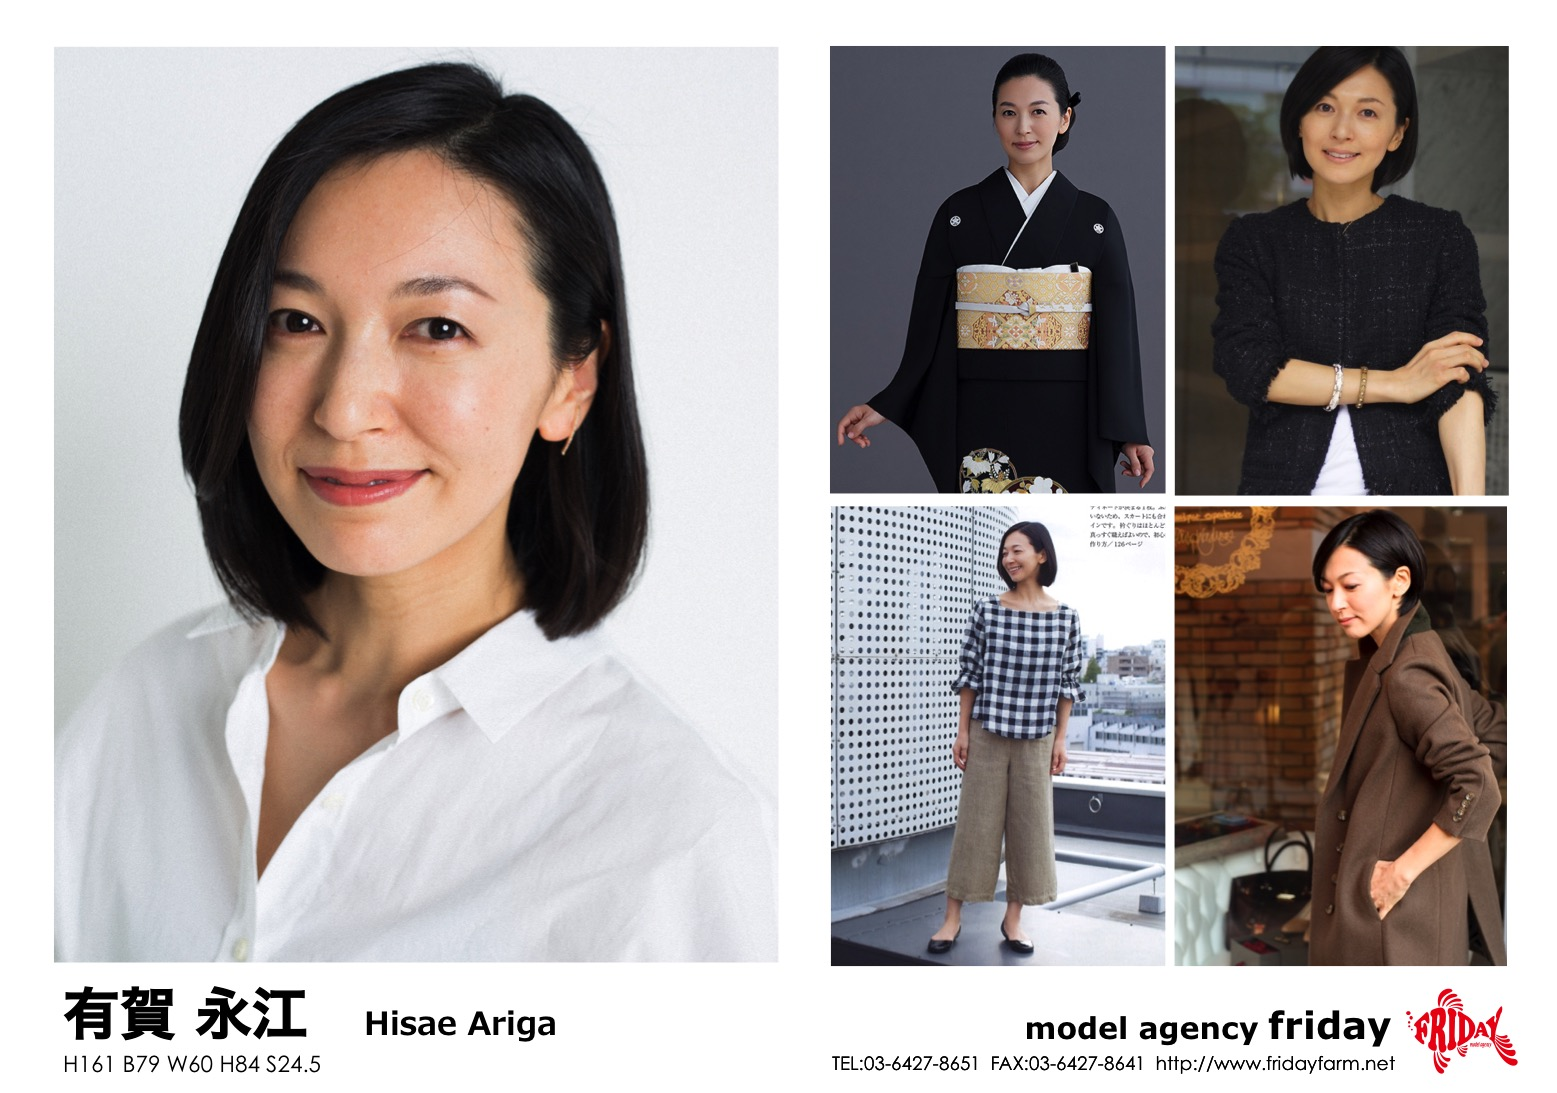 有賀 永江 - Hisae Ariga   model agency friday